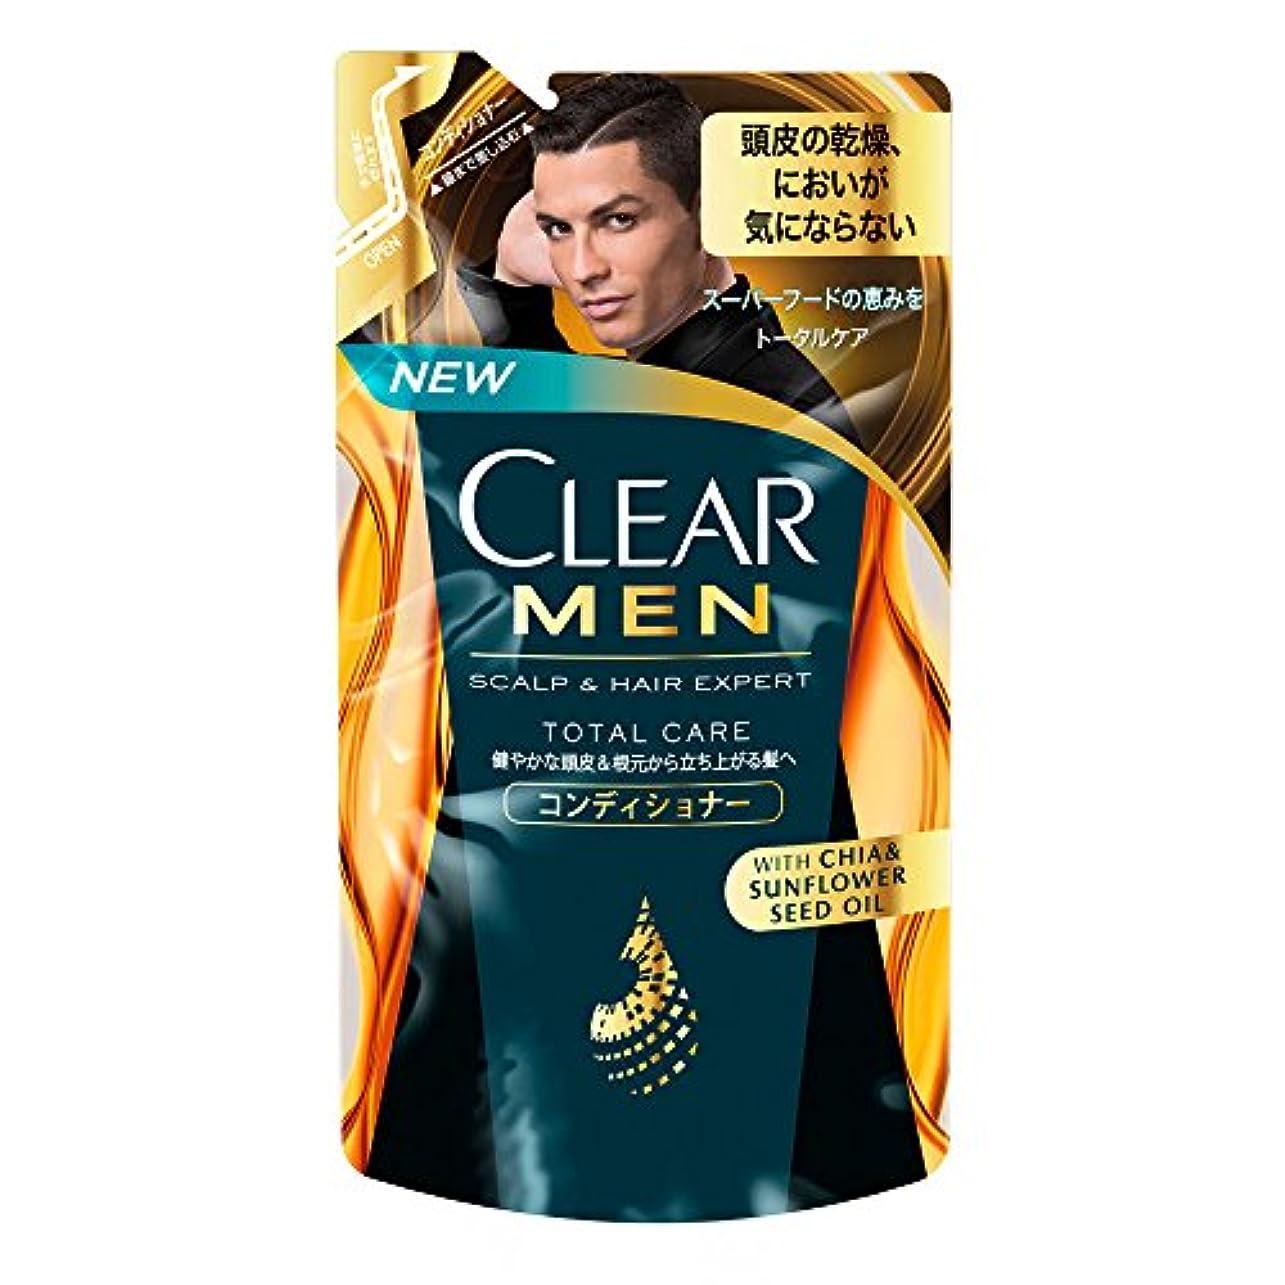 一見子アイロニークリア フォーメン トータルケア 男性用コンディショナー つめかえ用 (健やかな頭皮へ) 280g